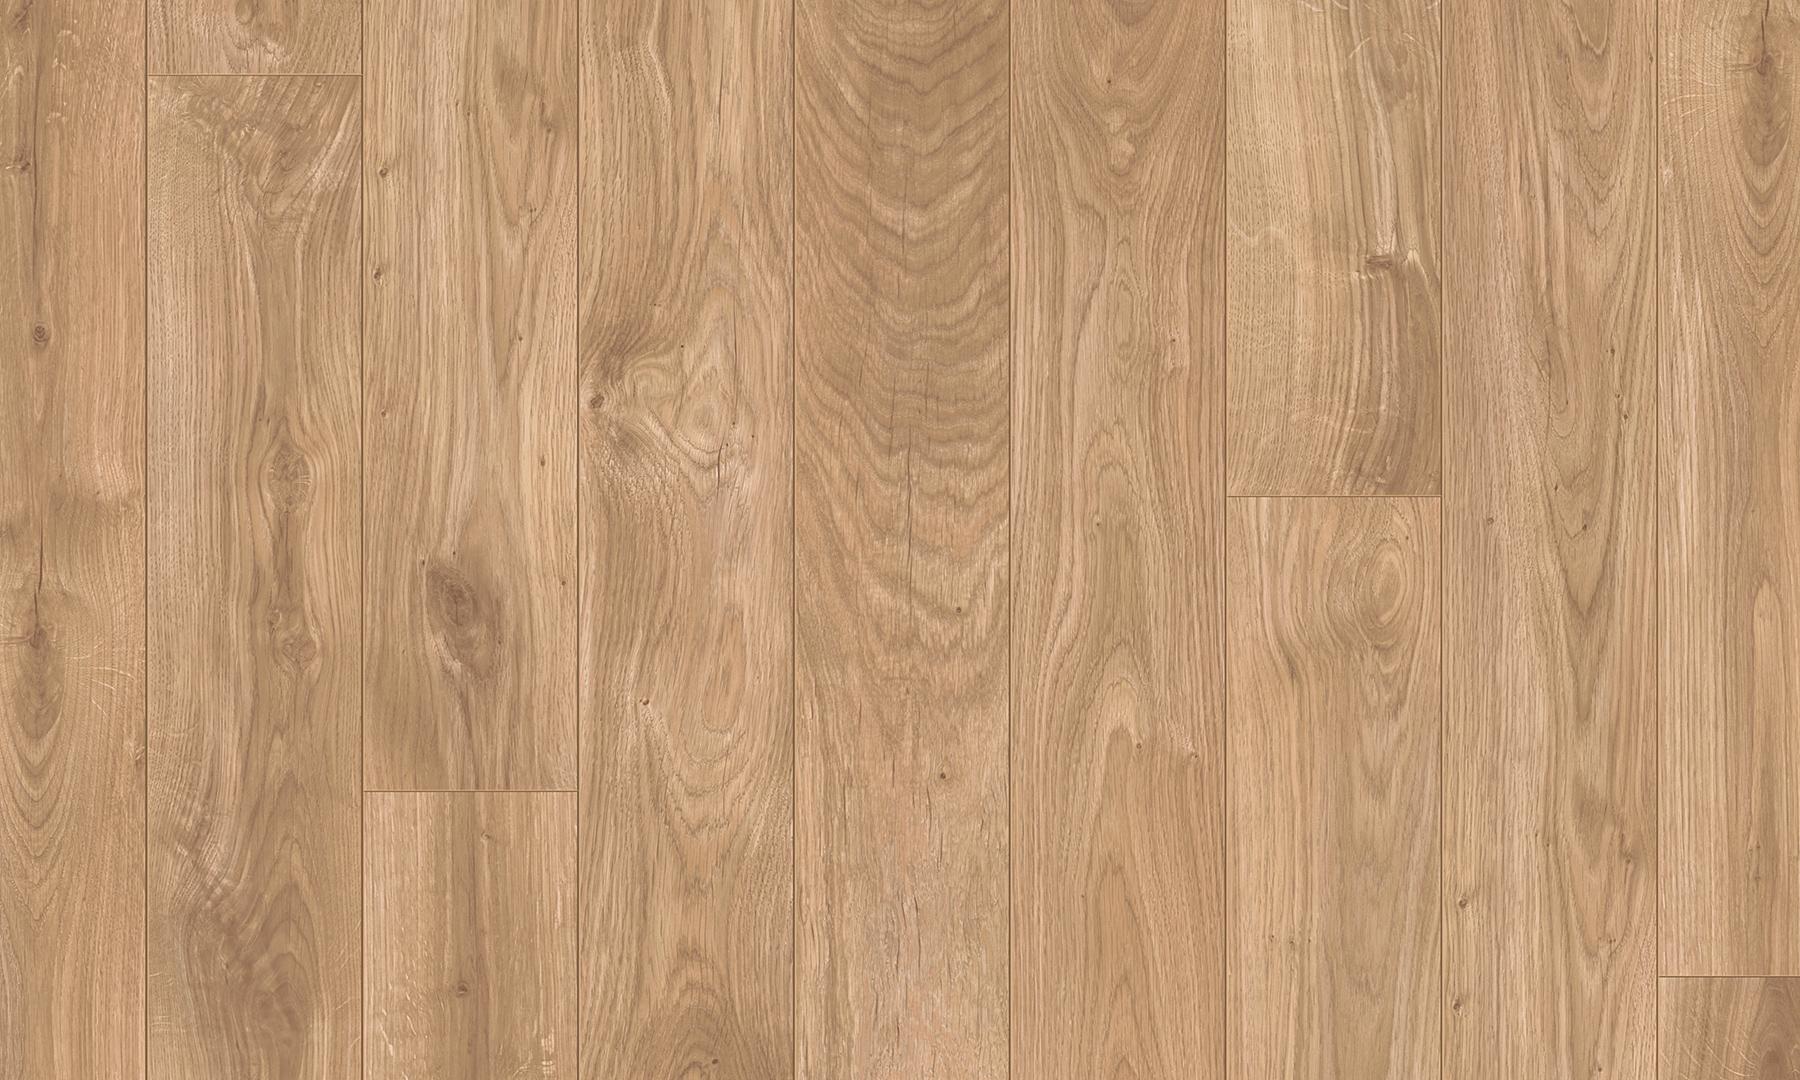 Pergo Commercial Laminate Flooring Chalked Light Oak